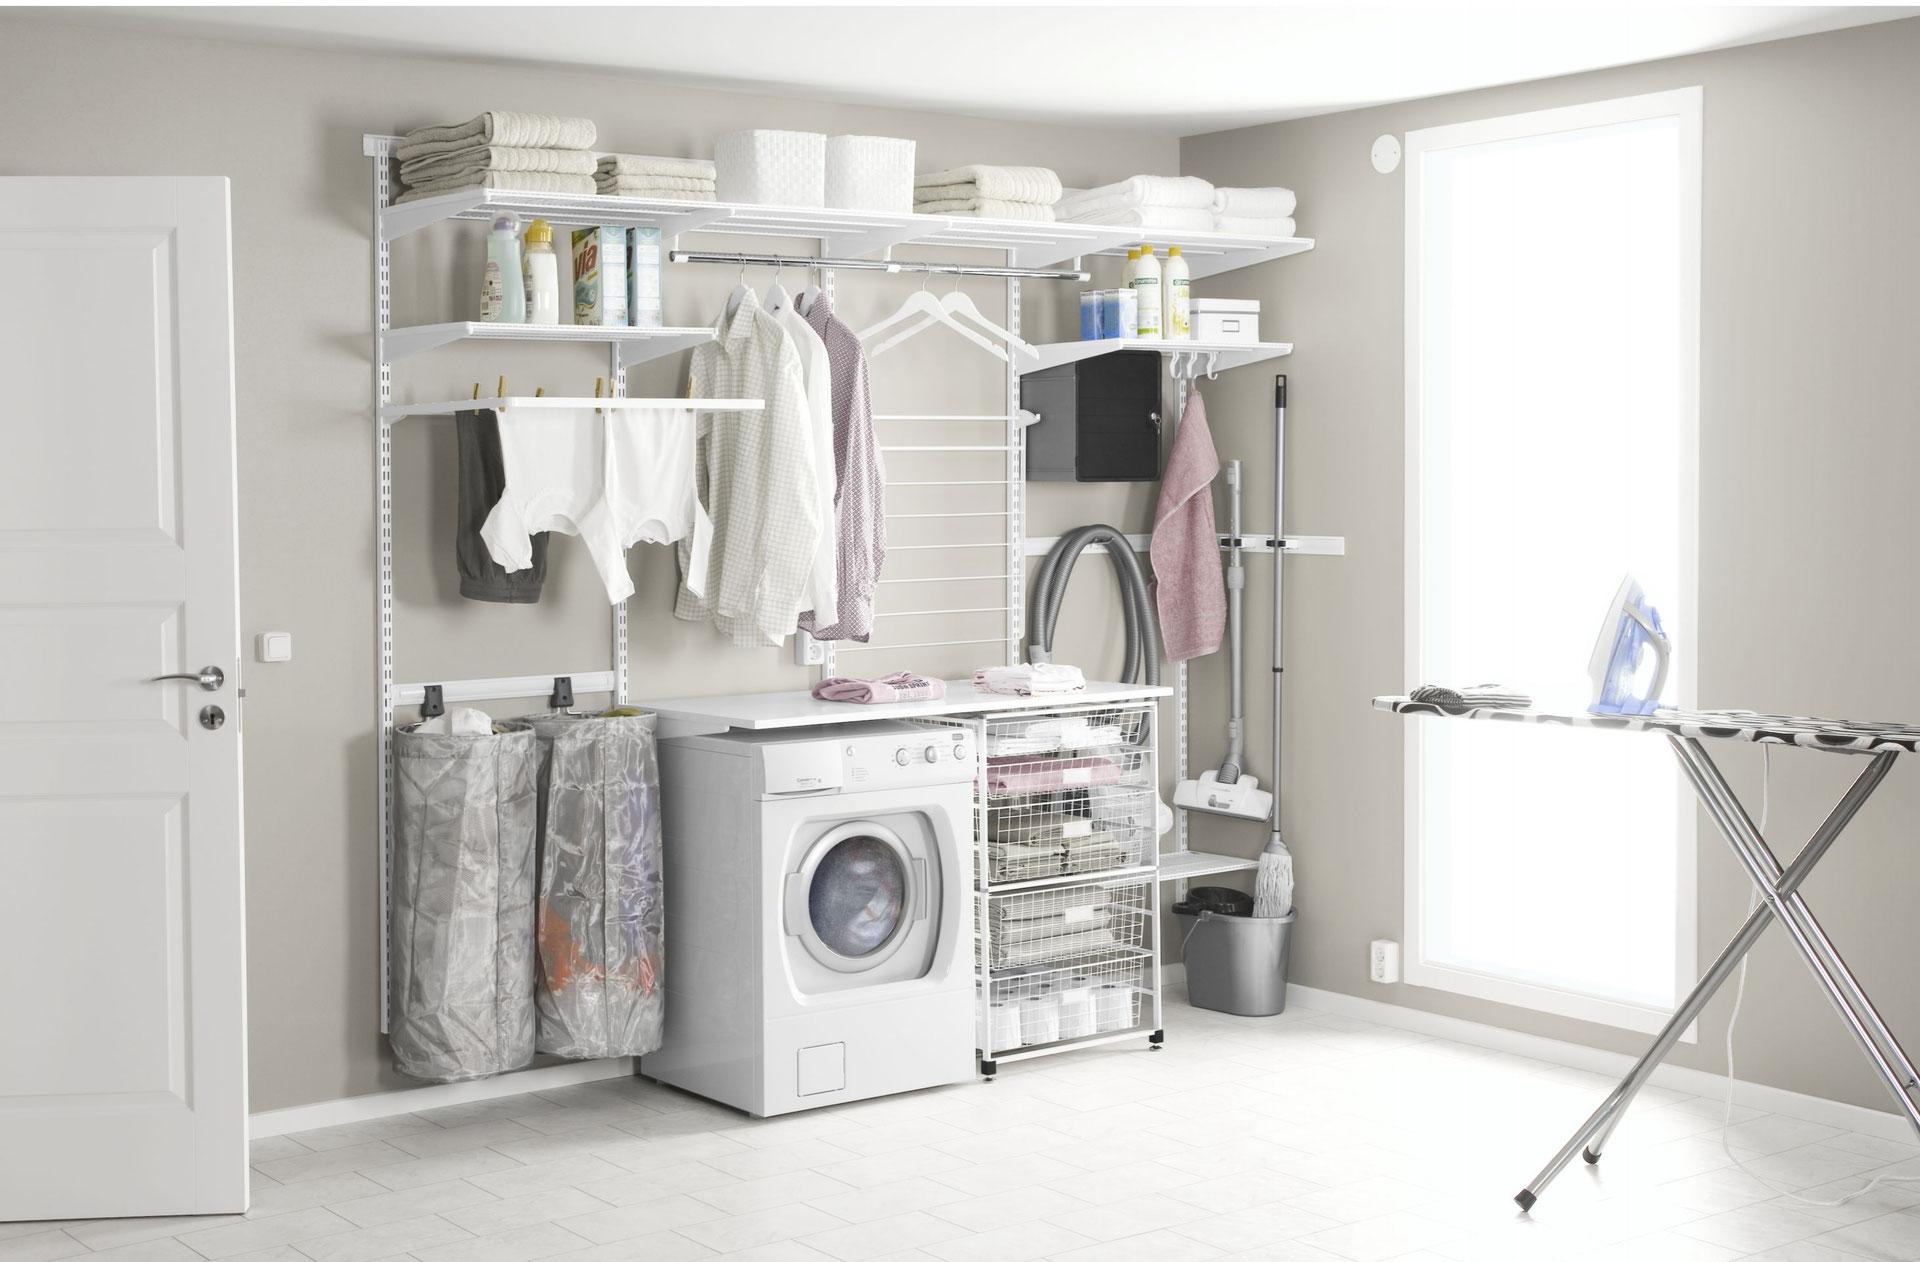 Full Size of Elfa Regalsystem Hauswirtschaftsraum Metall Bett Regal Weiß Regale Keller Für Wohnzimmer Regalsystem Keller Metall